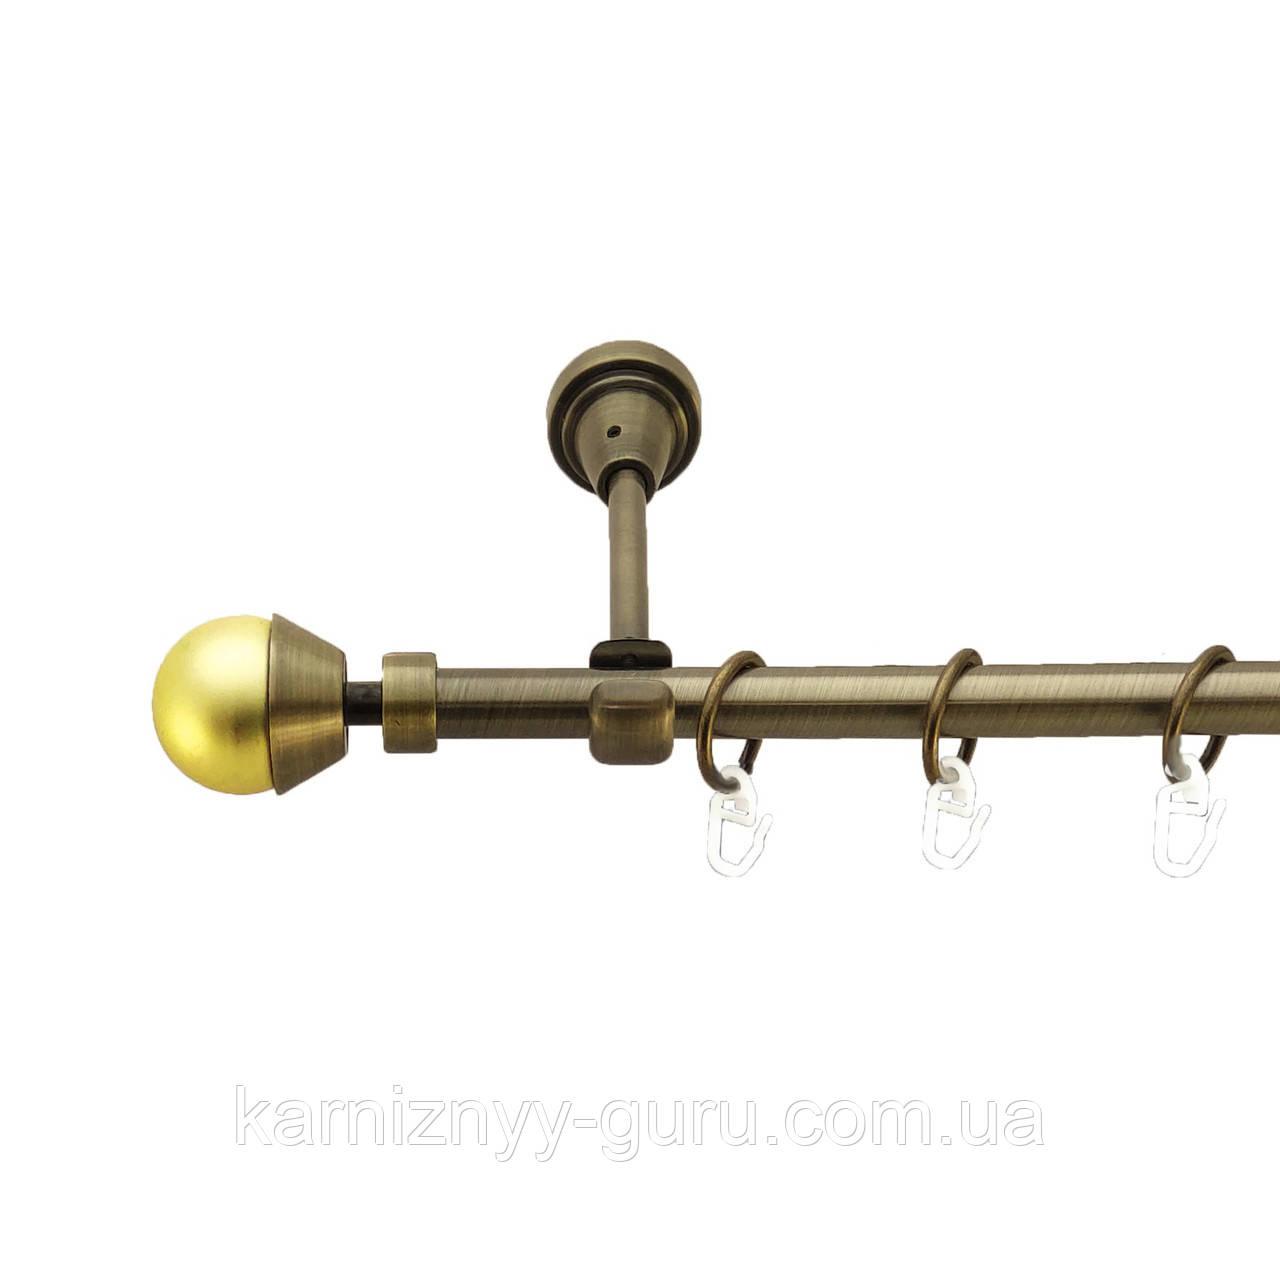 Карниз для штор ø 16 мм, одинарный, наконечник Мельба